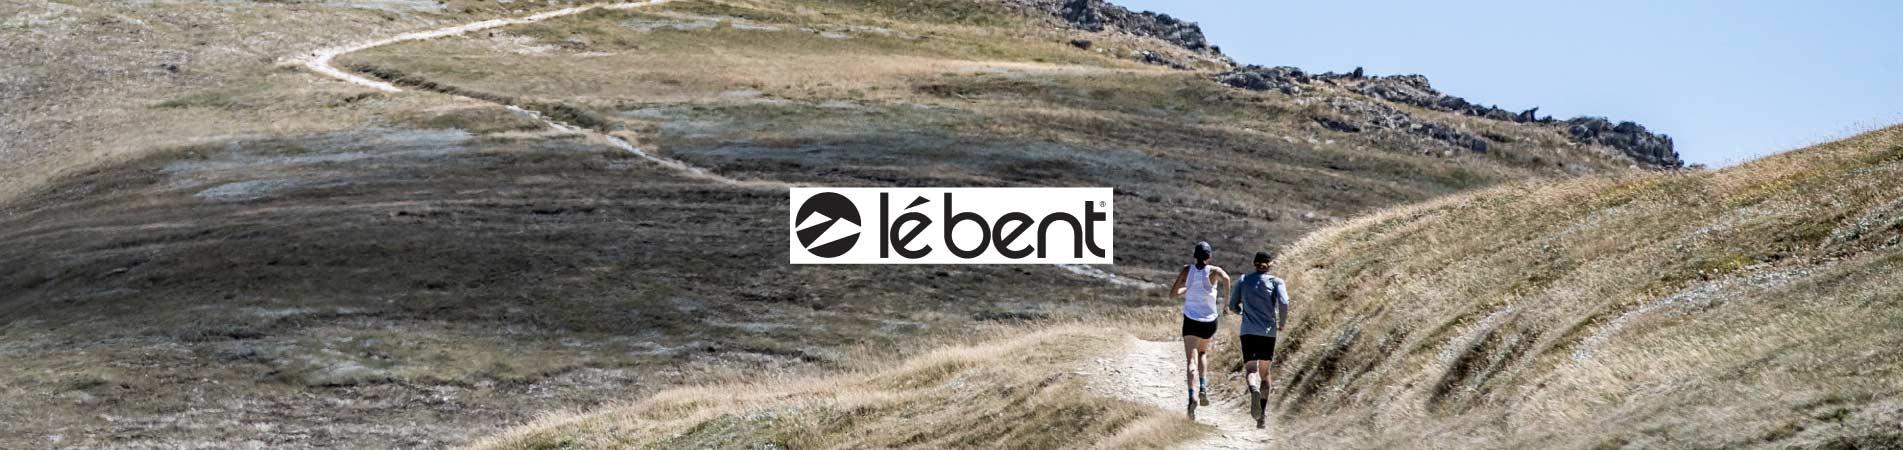 lebent-brand-banner-v1r0.jpg